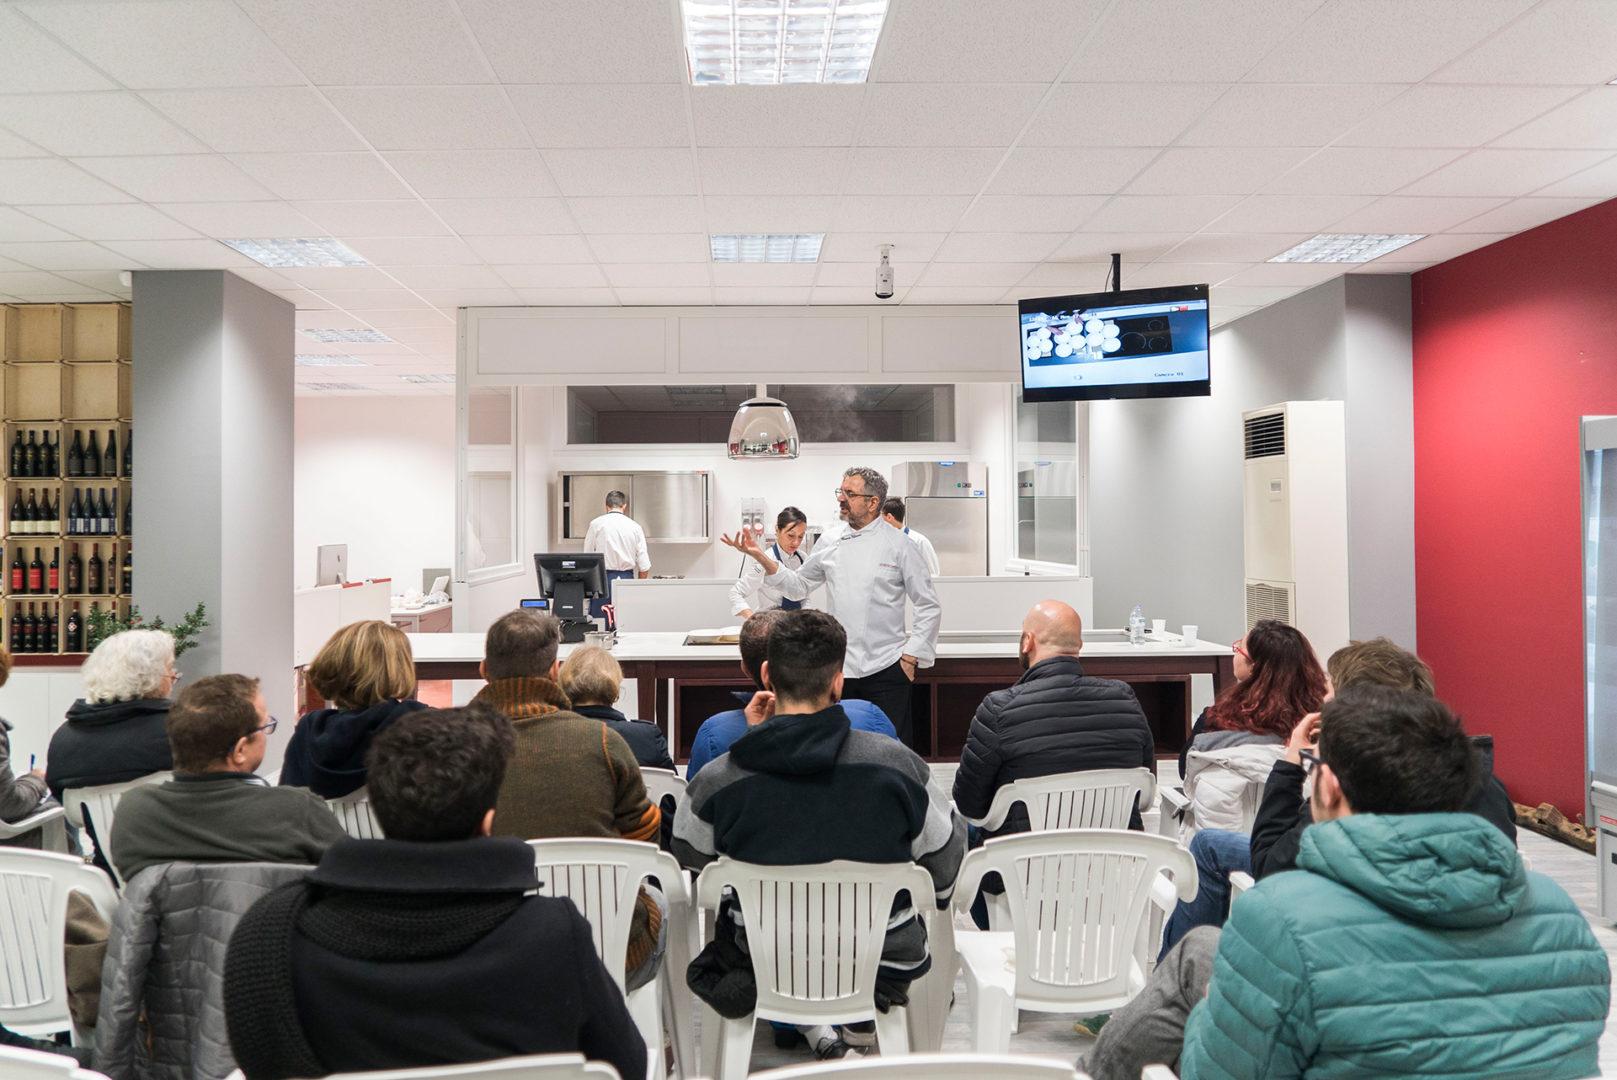 Corsi di cucina, Mauro Uliassi, casa marche, mymarca